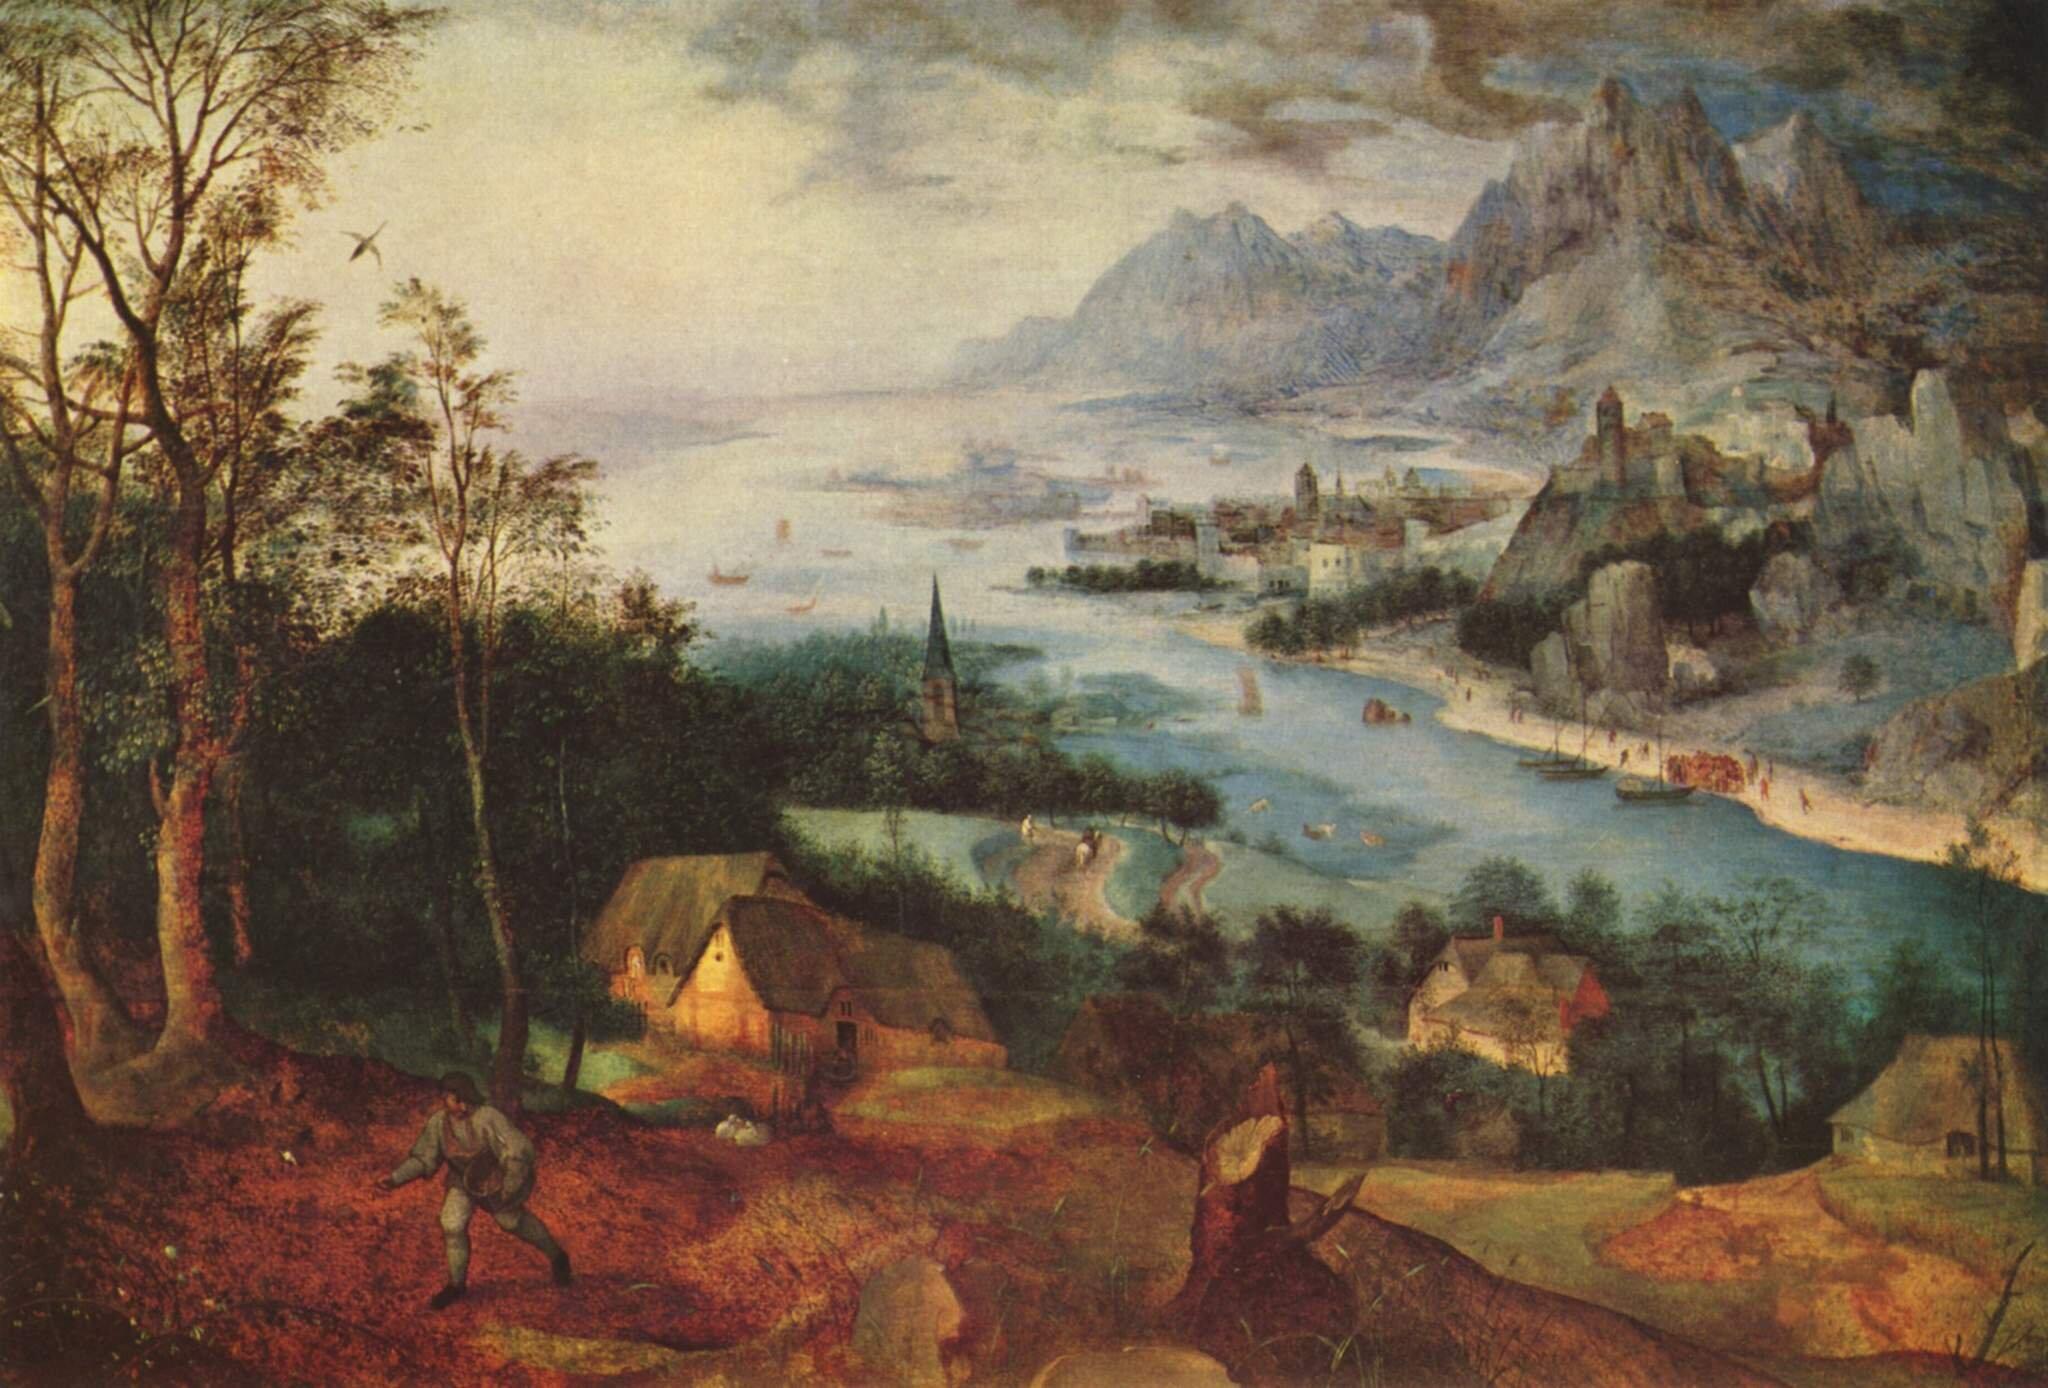 Pejzaż zprzypowieścią osiewcy Źródło: Pieter Brueghel starszy, Pejzaż zprzypowieścią osiewcy, 1557, olej na desce, Timken Art Museum, USA, domena publiczna.